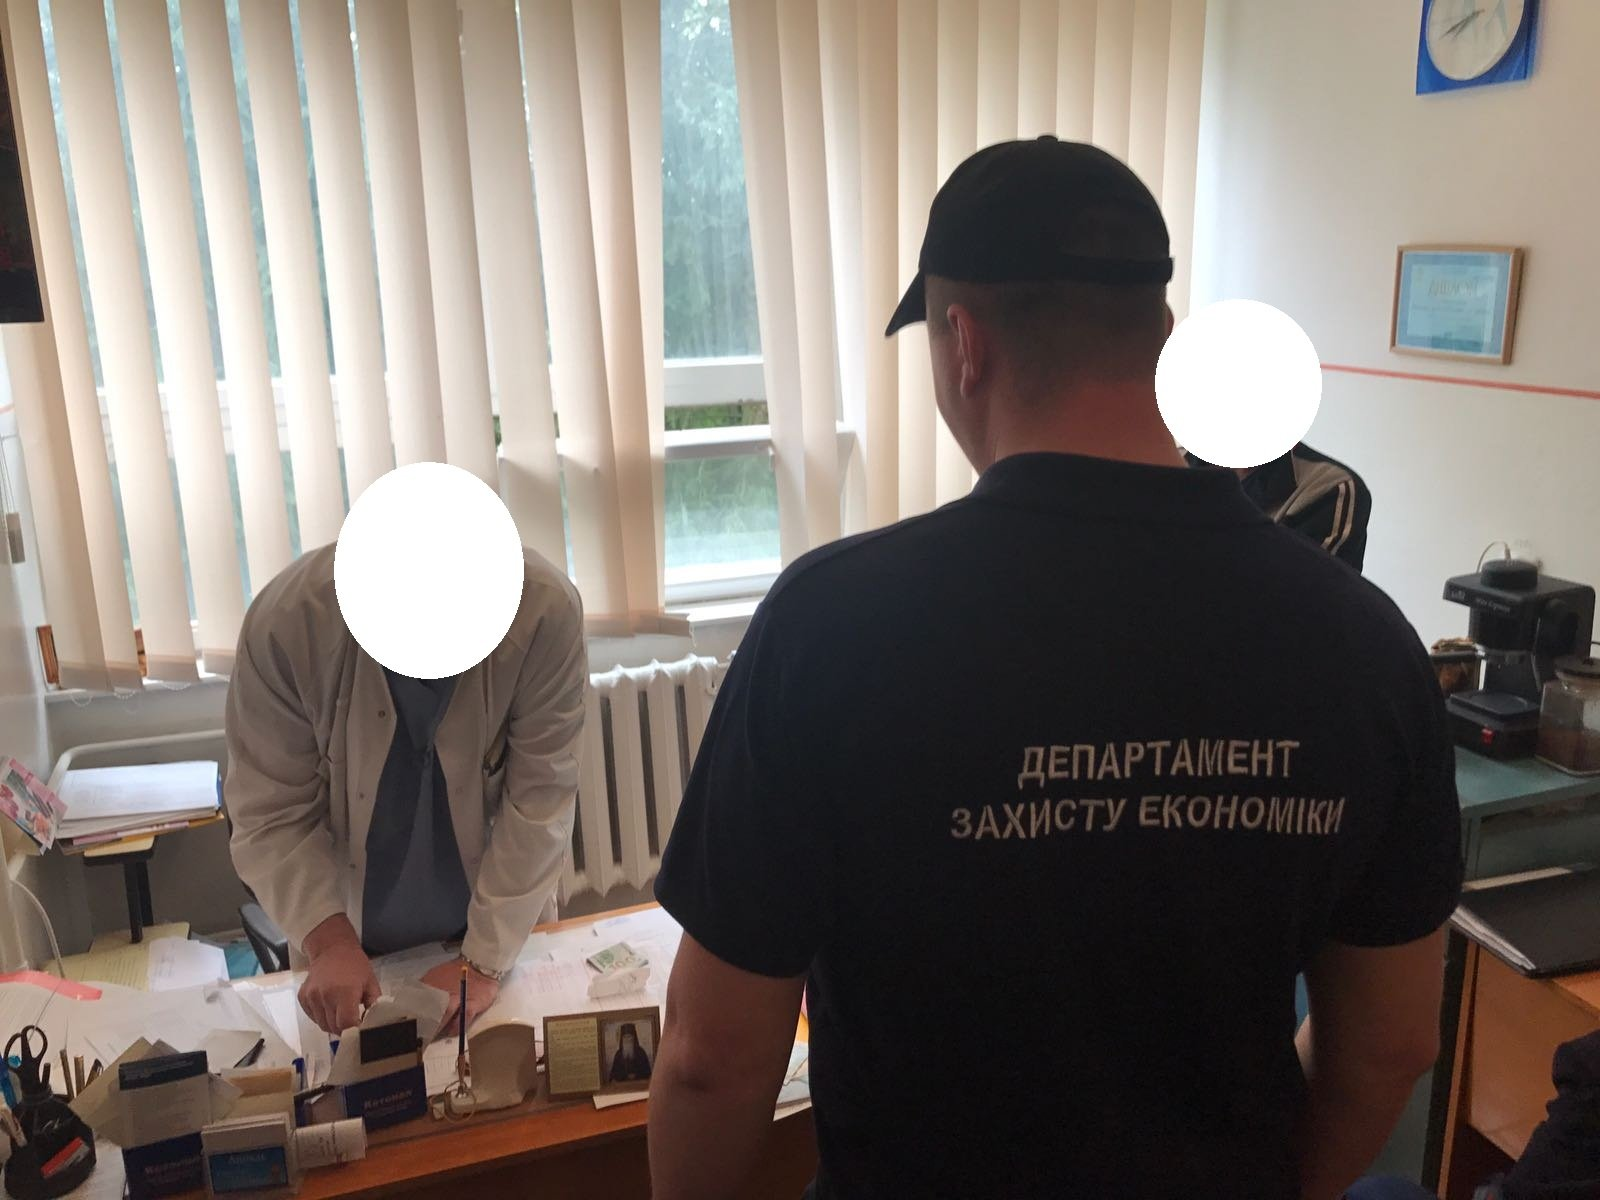 Завідувач пологового відділення Хустської ЦРЛ попався на хабарі в 400$ США